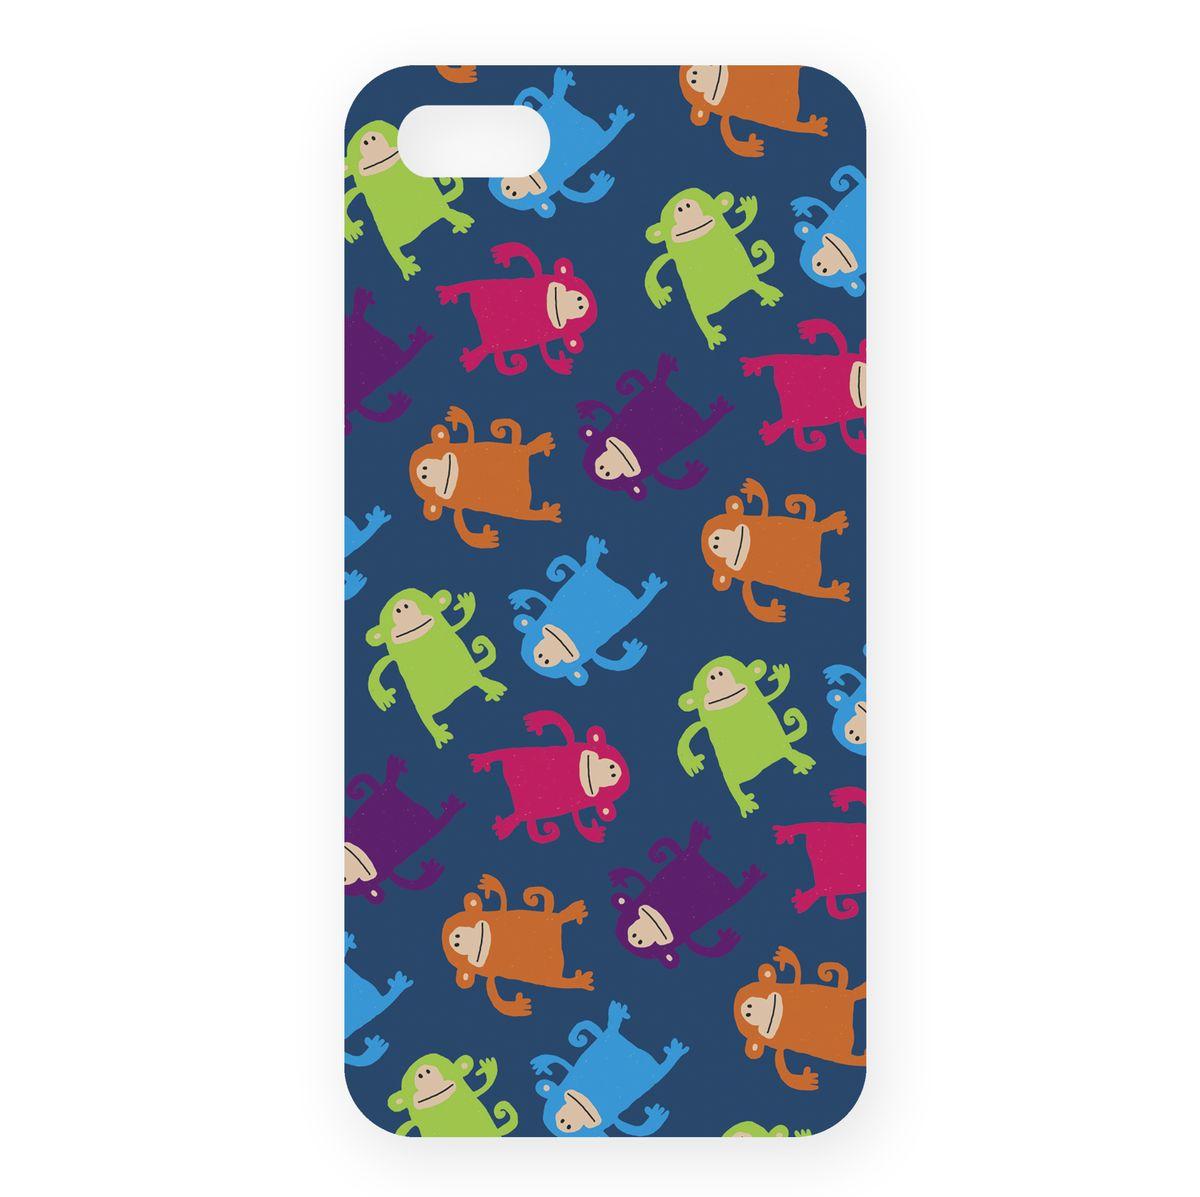 Mitya Veselkov Смешные обезьянки на синем чехол для Apple iPhone 5/5sIP5.МITYA-213Превосходный чехол Mitya Veselkov Смешные обезьянки на синем создан для любителей заметных аксессуаров. Накладка придаст вашему телефону индивидуальность и послужит прекрасной защитой от ударов и царапин. Чехол также обеспечивает свободный доступ ко всем разъемам и клавишам устройства.